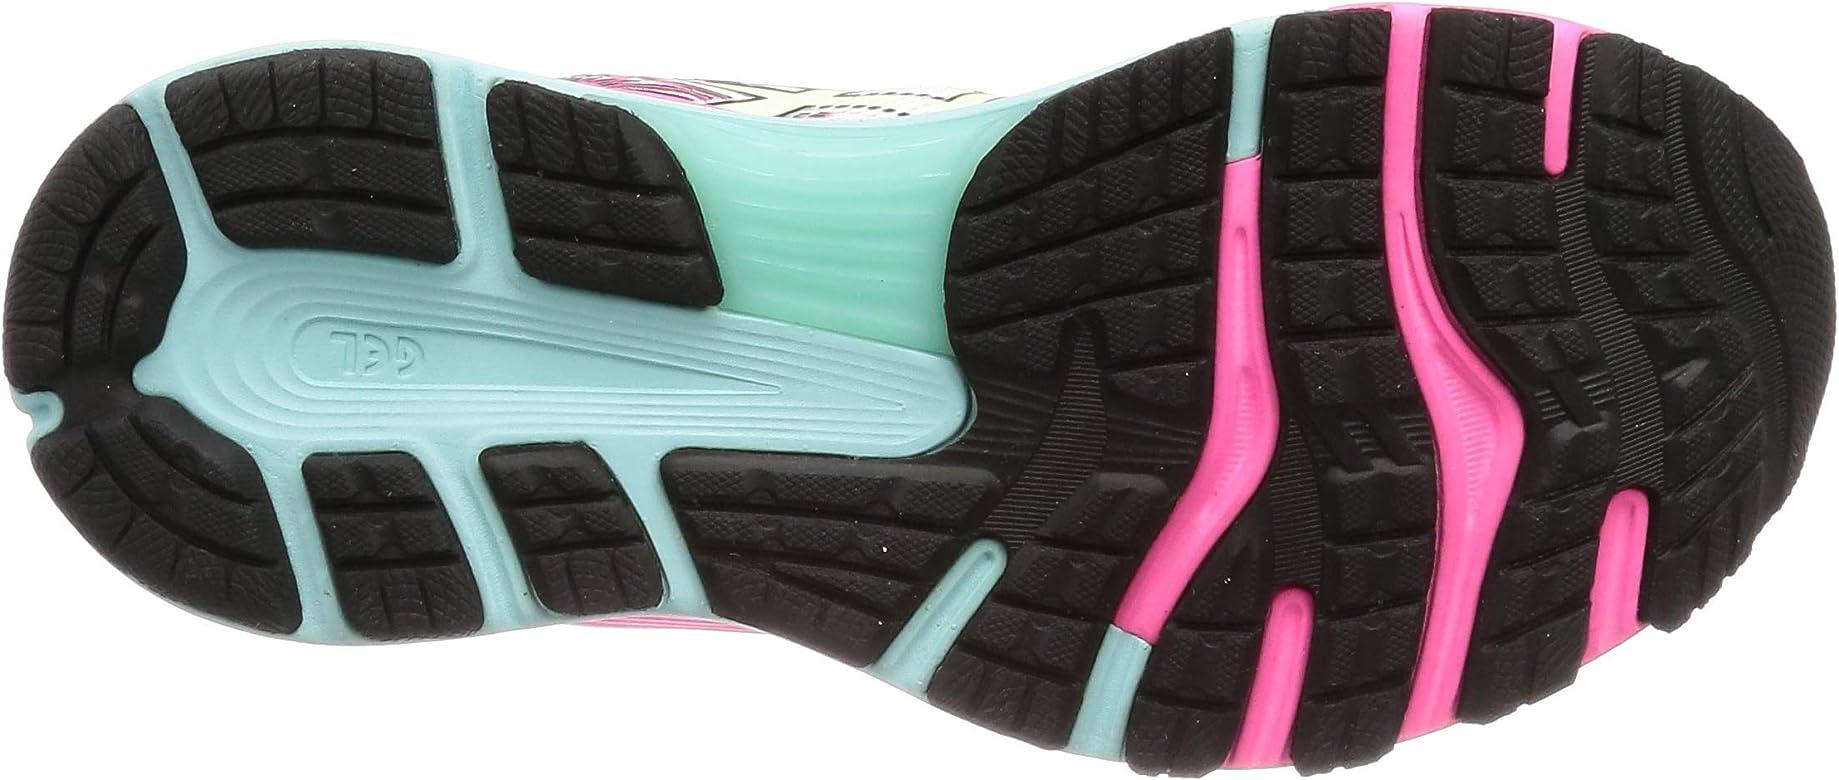 Asics Gel-Nimbus 21 SP, Zapatillas de Running para Mujer, Cream White, 38 EU: Amazon.es: Zapatos y complementos